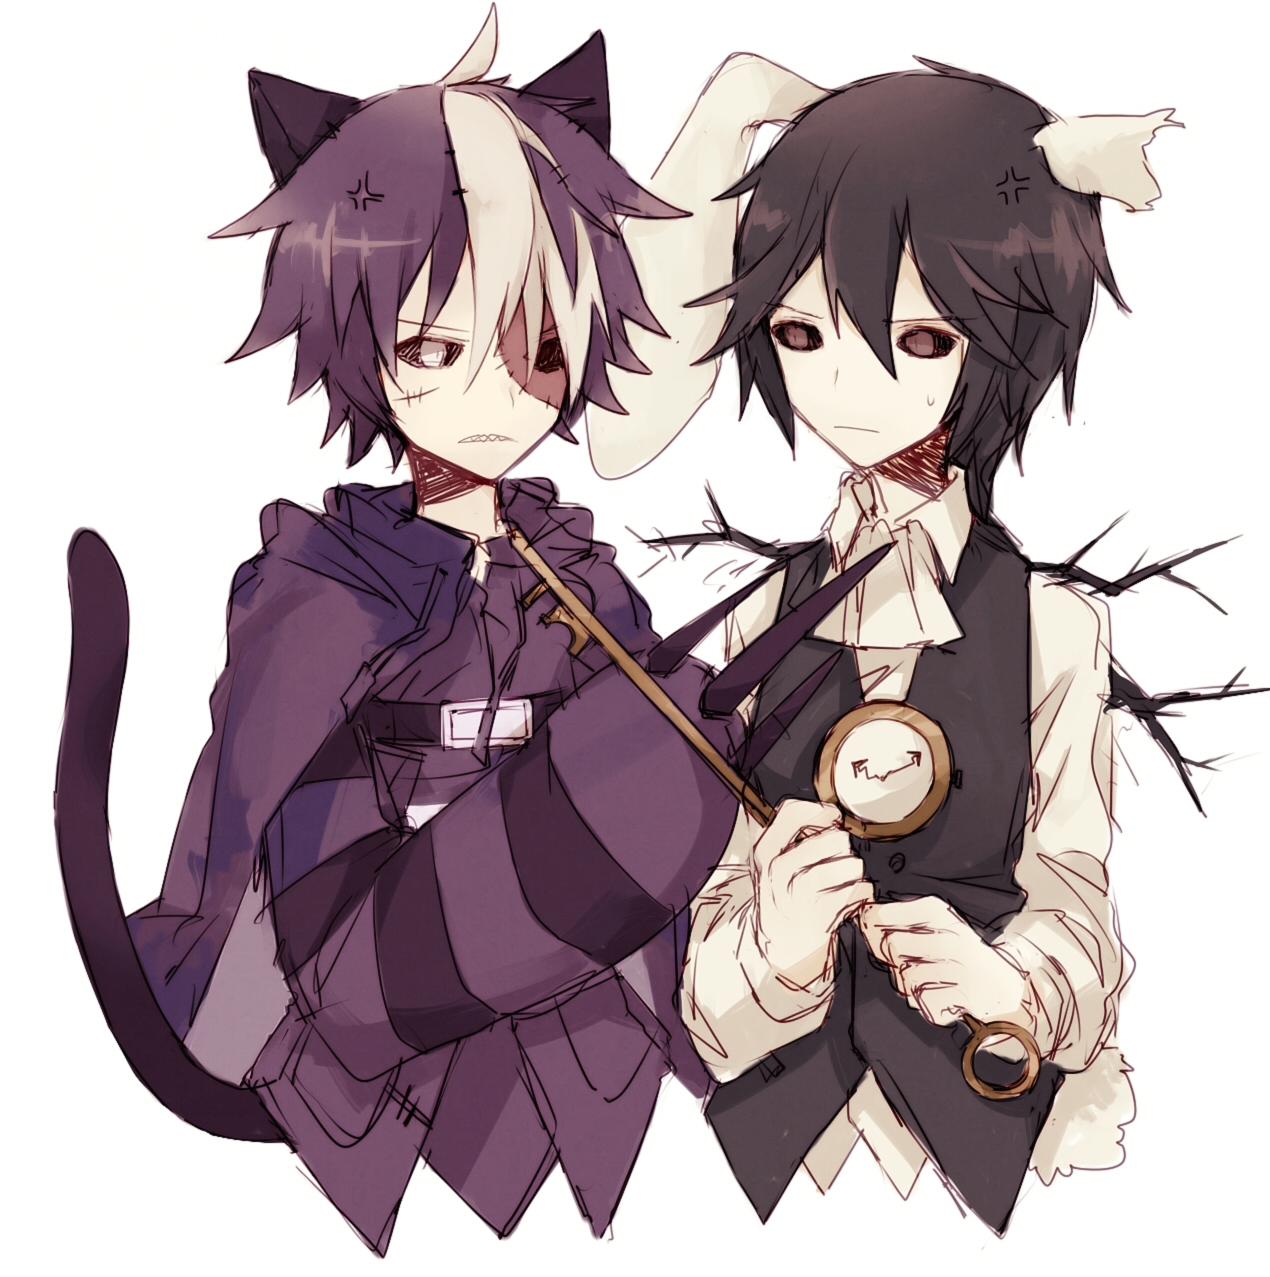 Alice mare zerochan anime image board for Zerochan anime